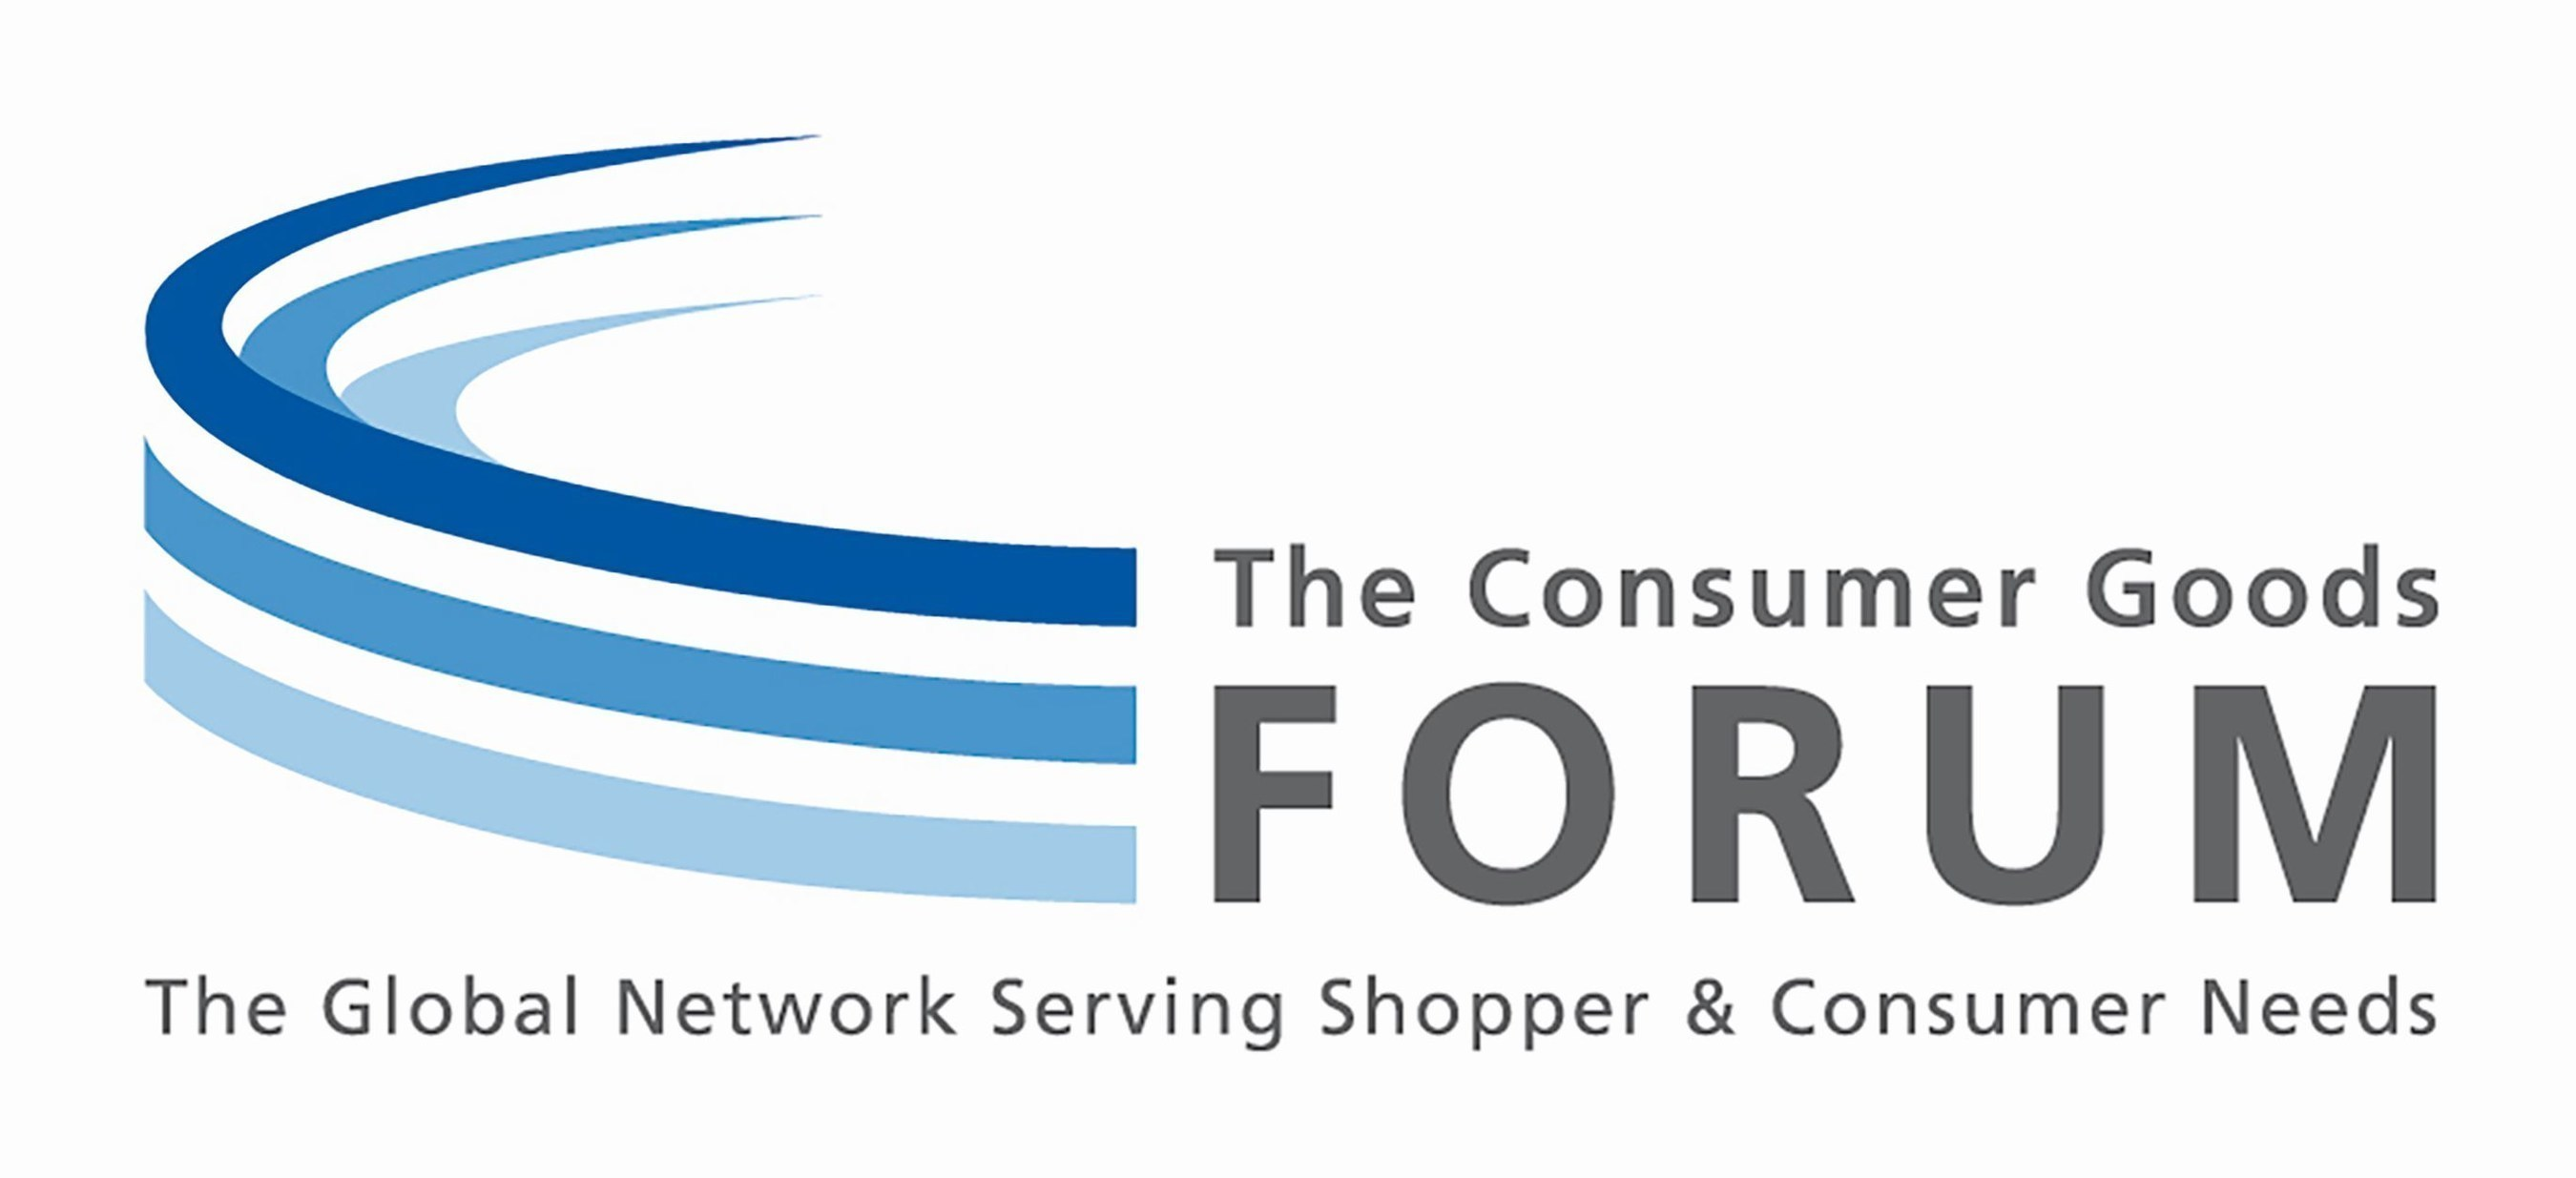 Setor de bens de consumo prevê próximos passos positivos para continuar a expansão da refrigeração